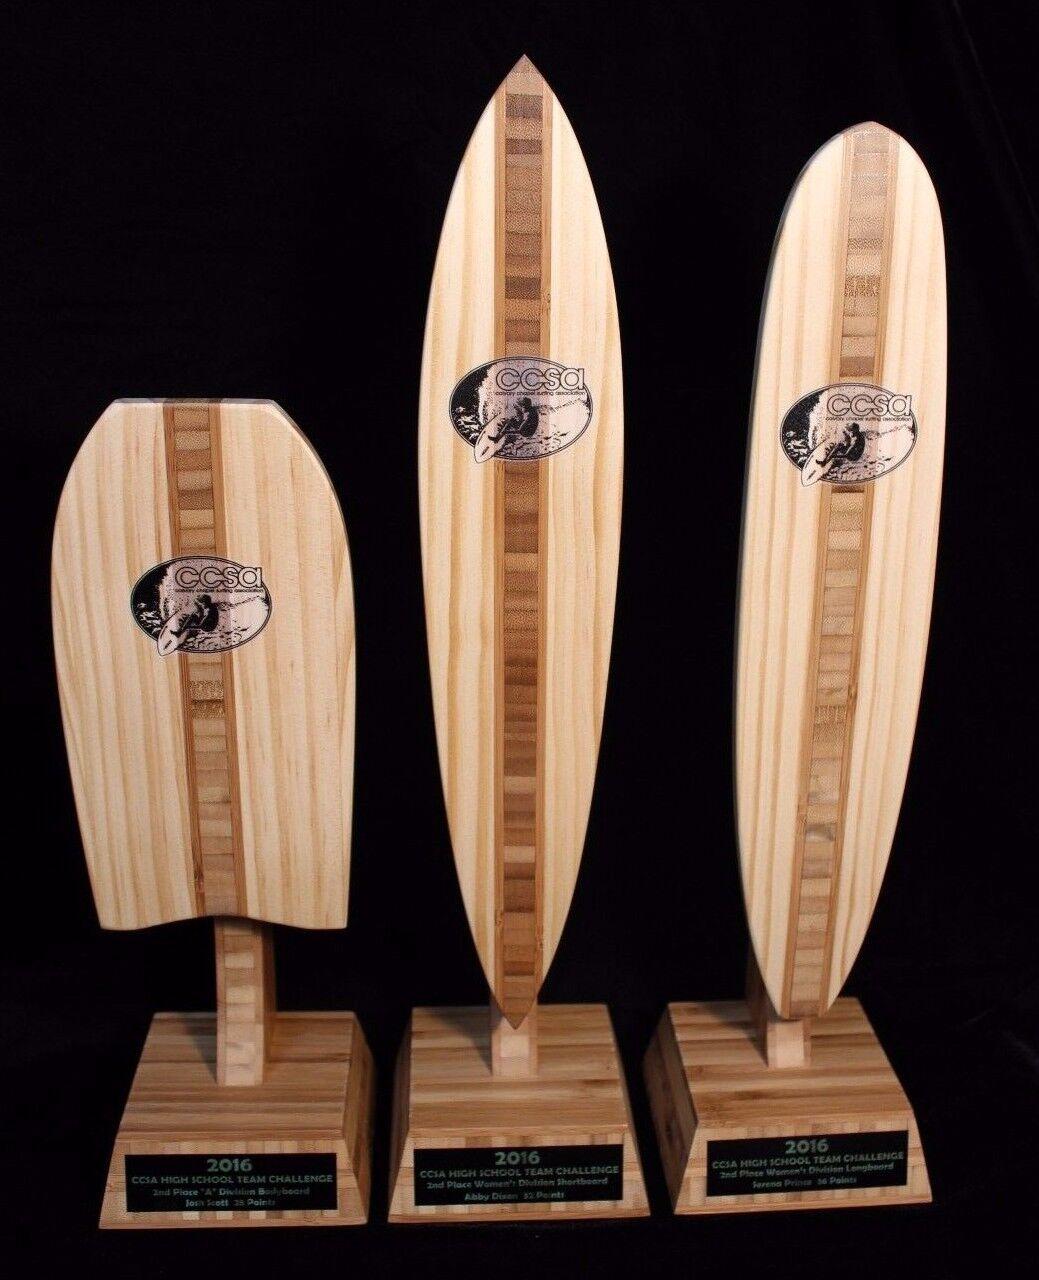 Placa de bambú Personalizado Surf trofeo Pintail Longboard Bodyboard por Dave C Reynolds